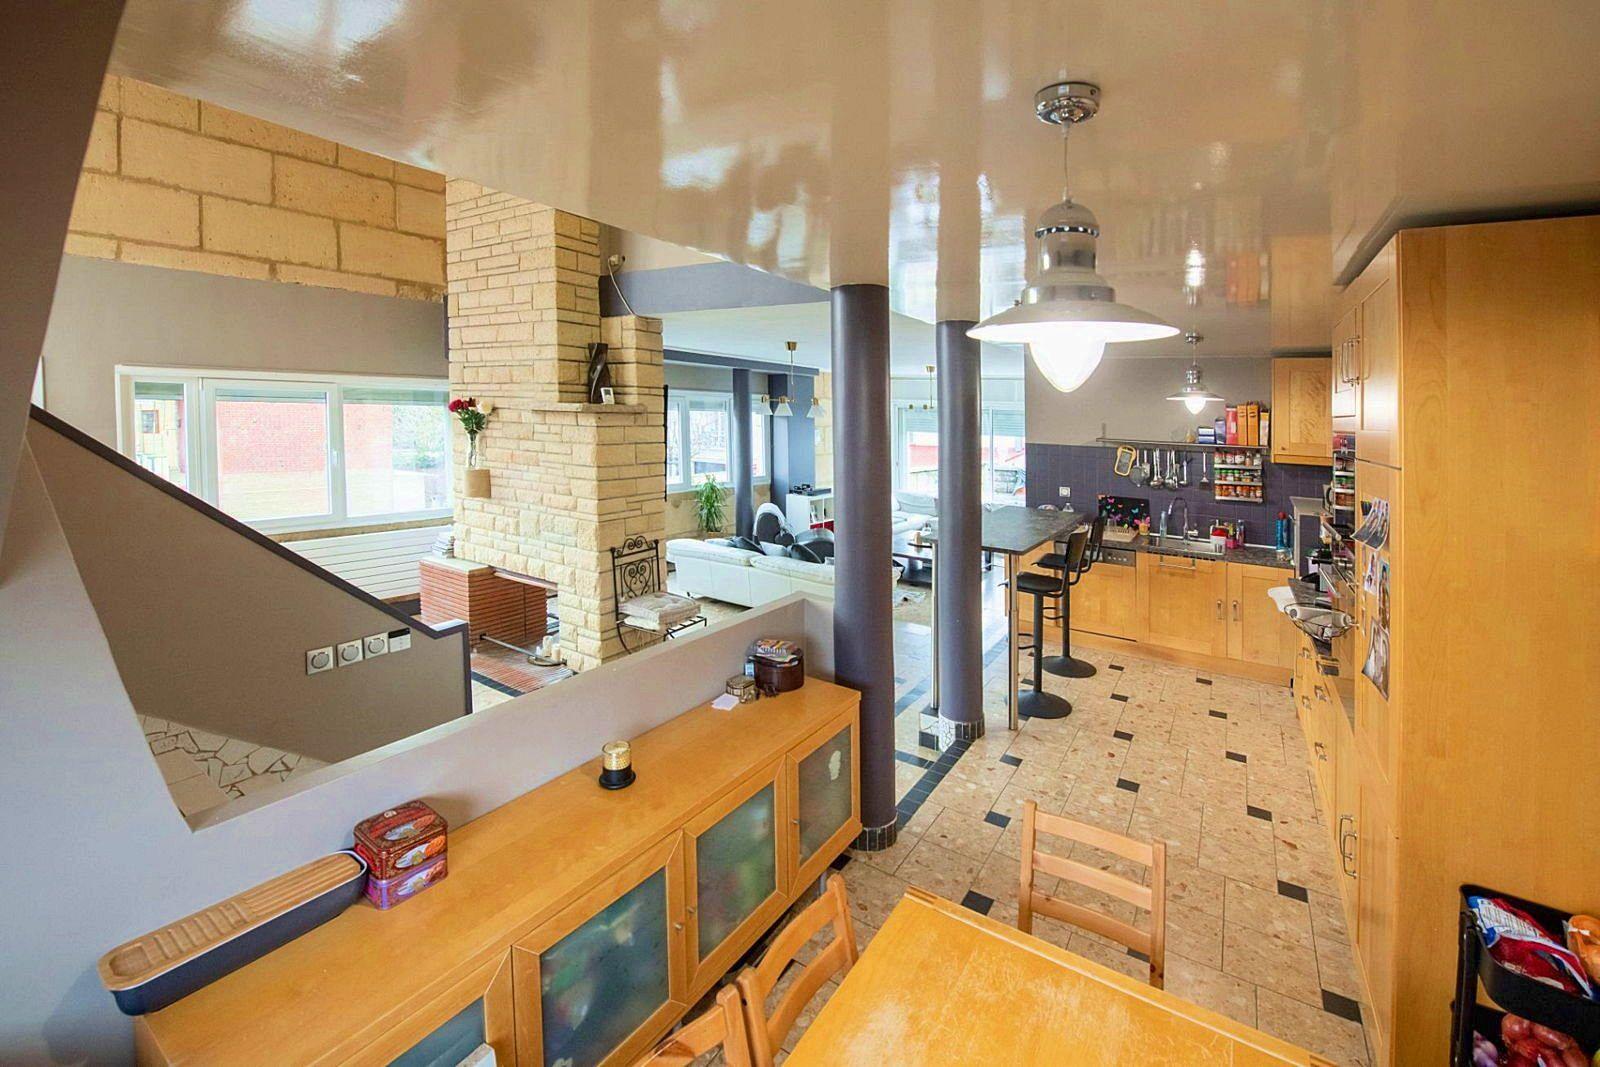 Vends Maison de ville, de 180m², 3chambres à deux pas de la gare - Creil (60)